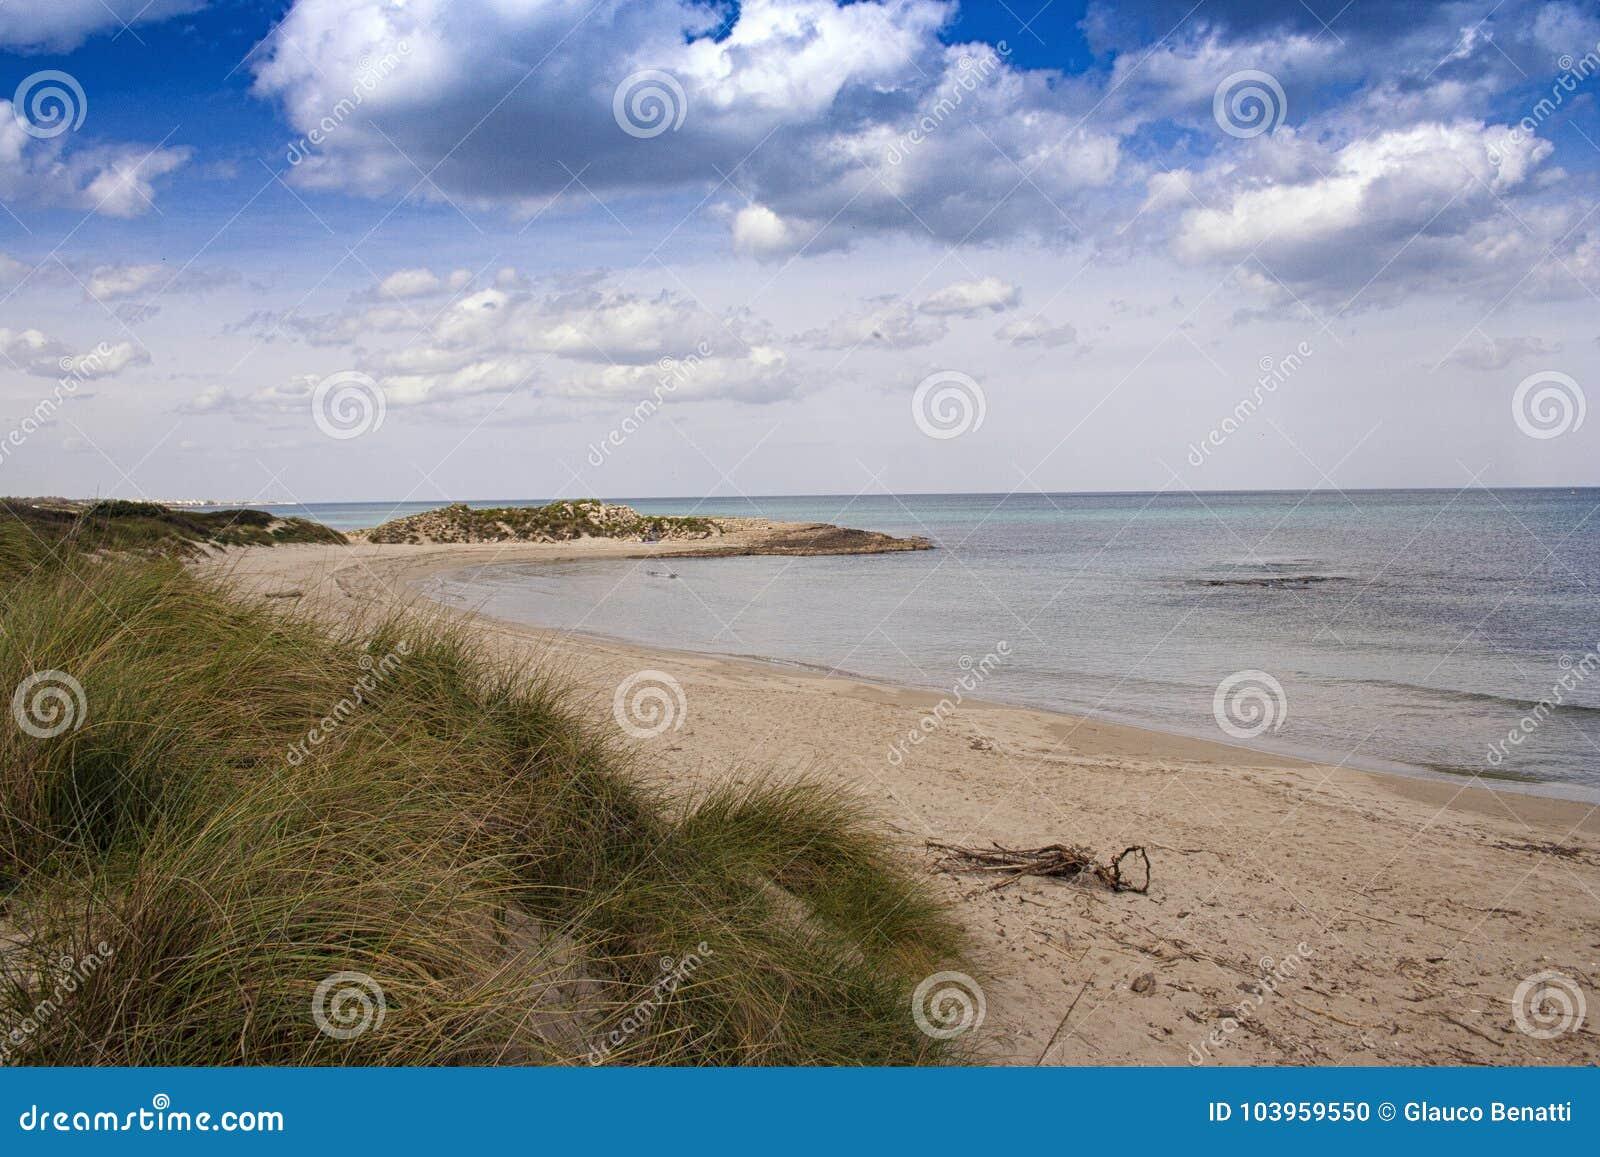 Morze plaża z roślinnością